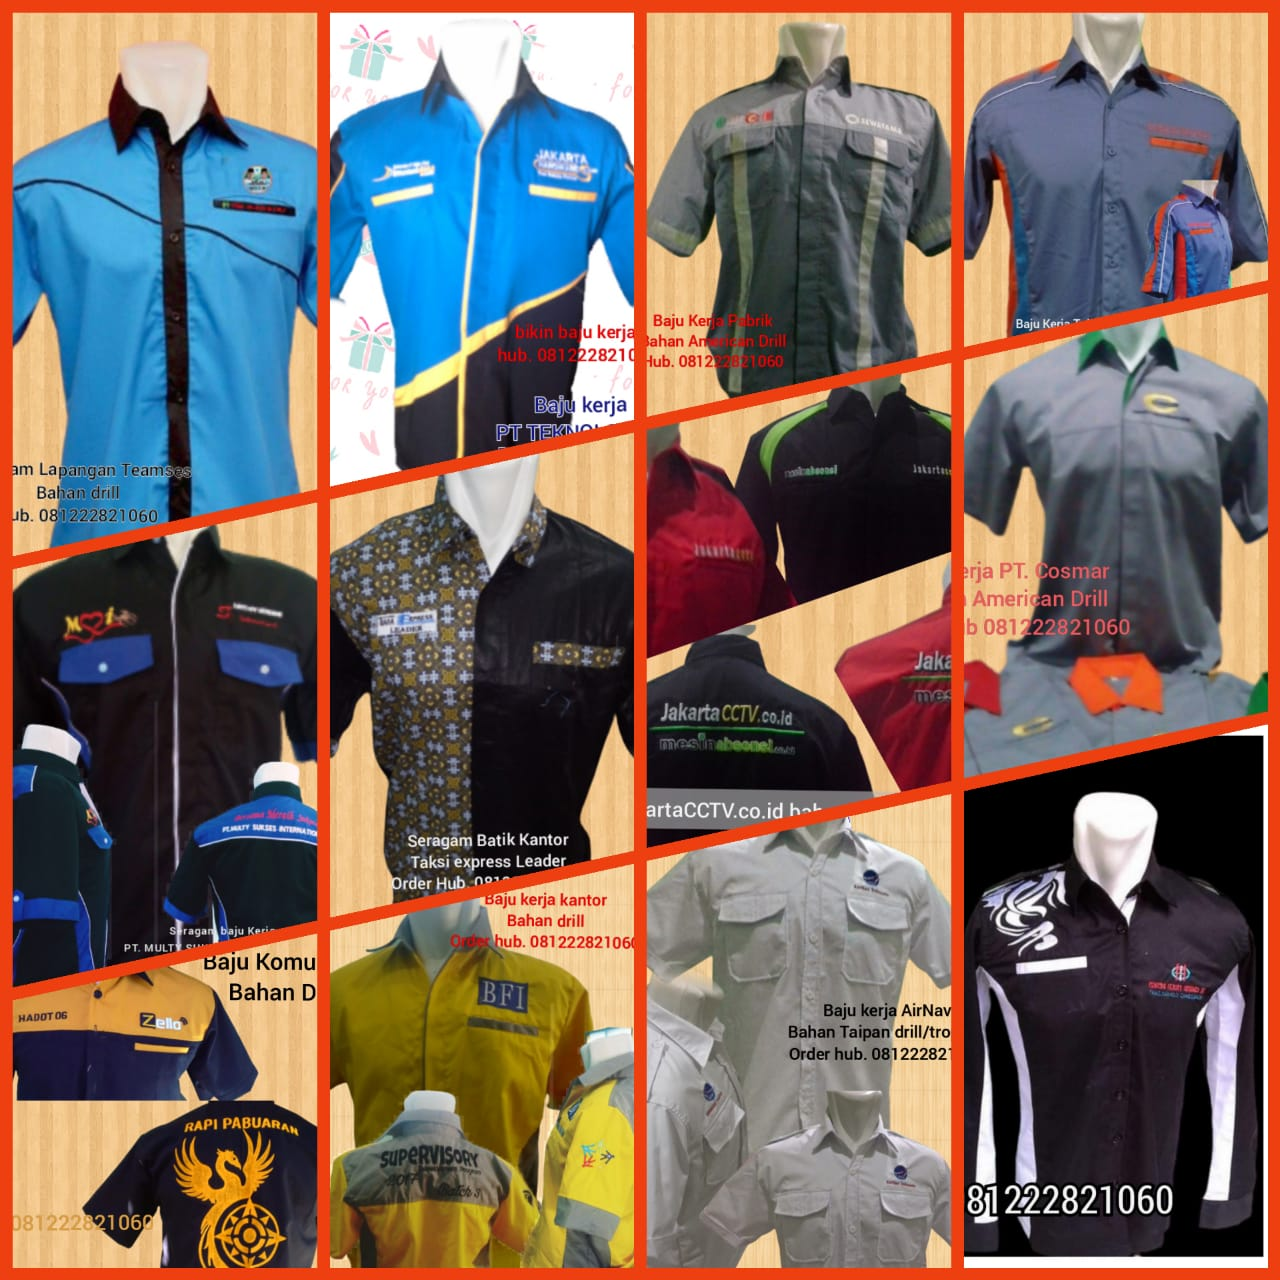 Baju Seragam Kerja Lapangan Kota Baru Kalimantan Selatan